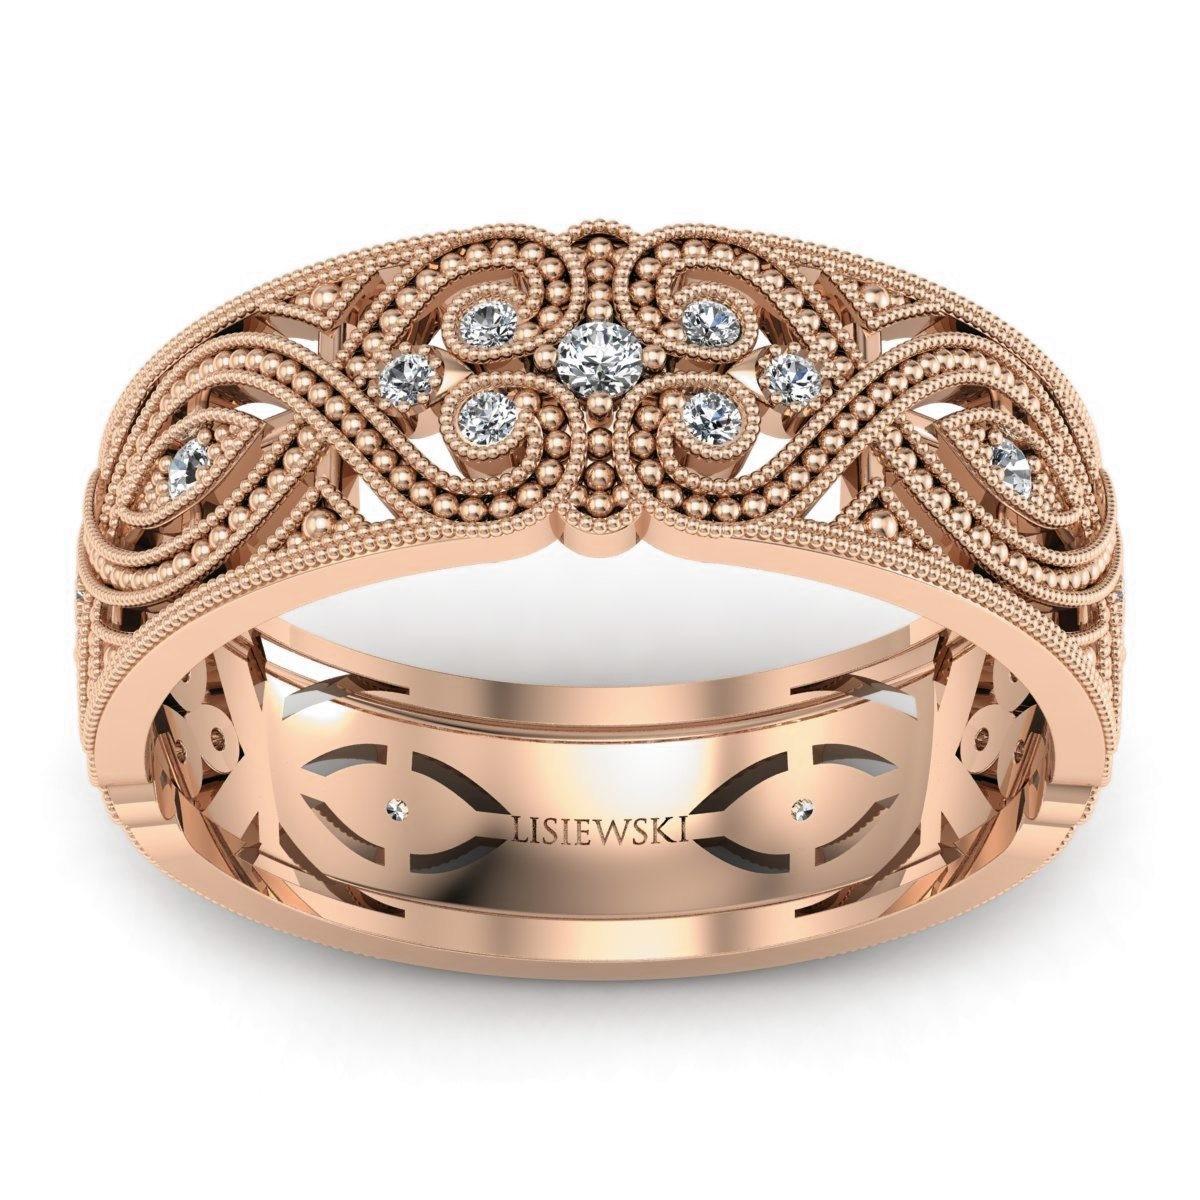 Royal - Obrączka ślubna z diamentami różowe złoto